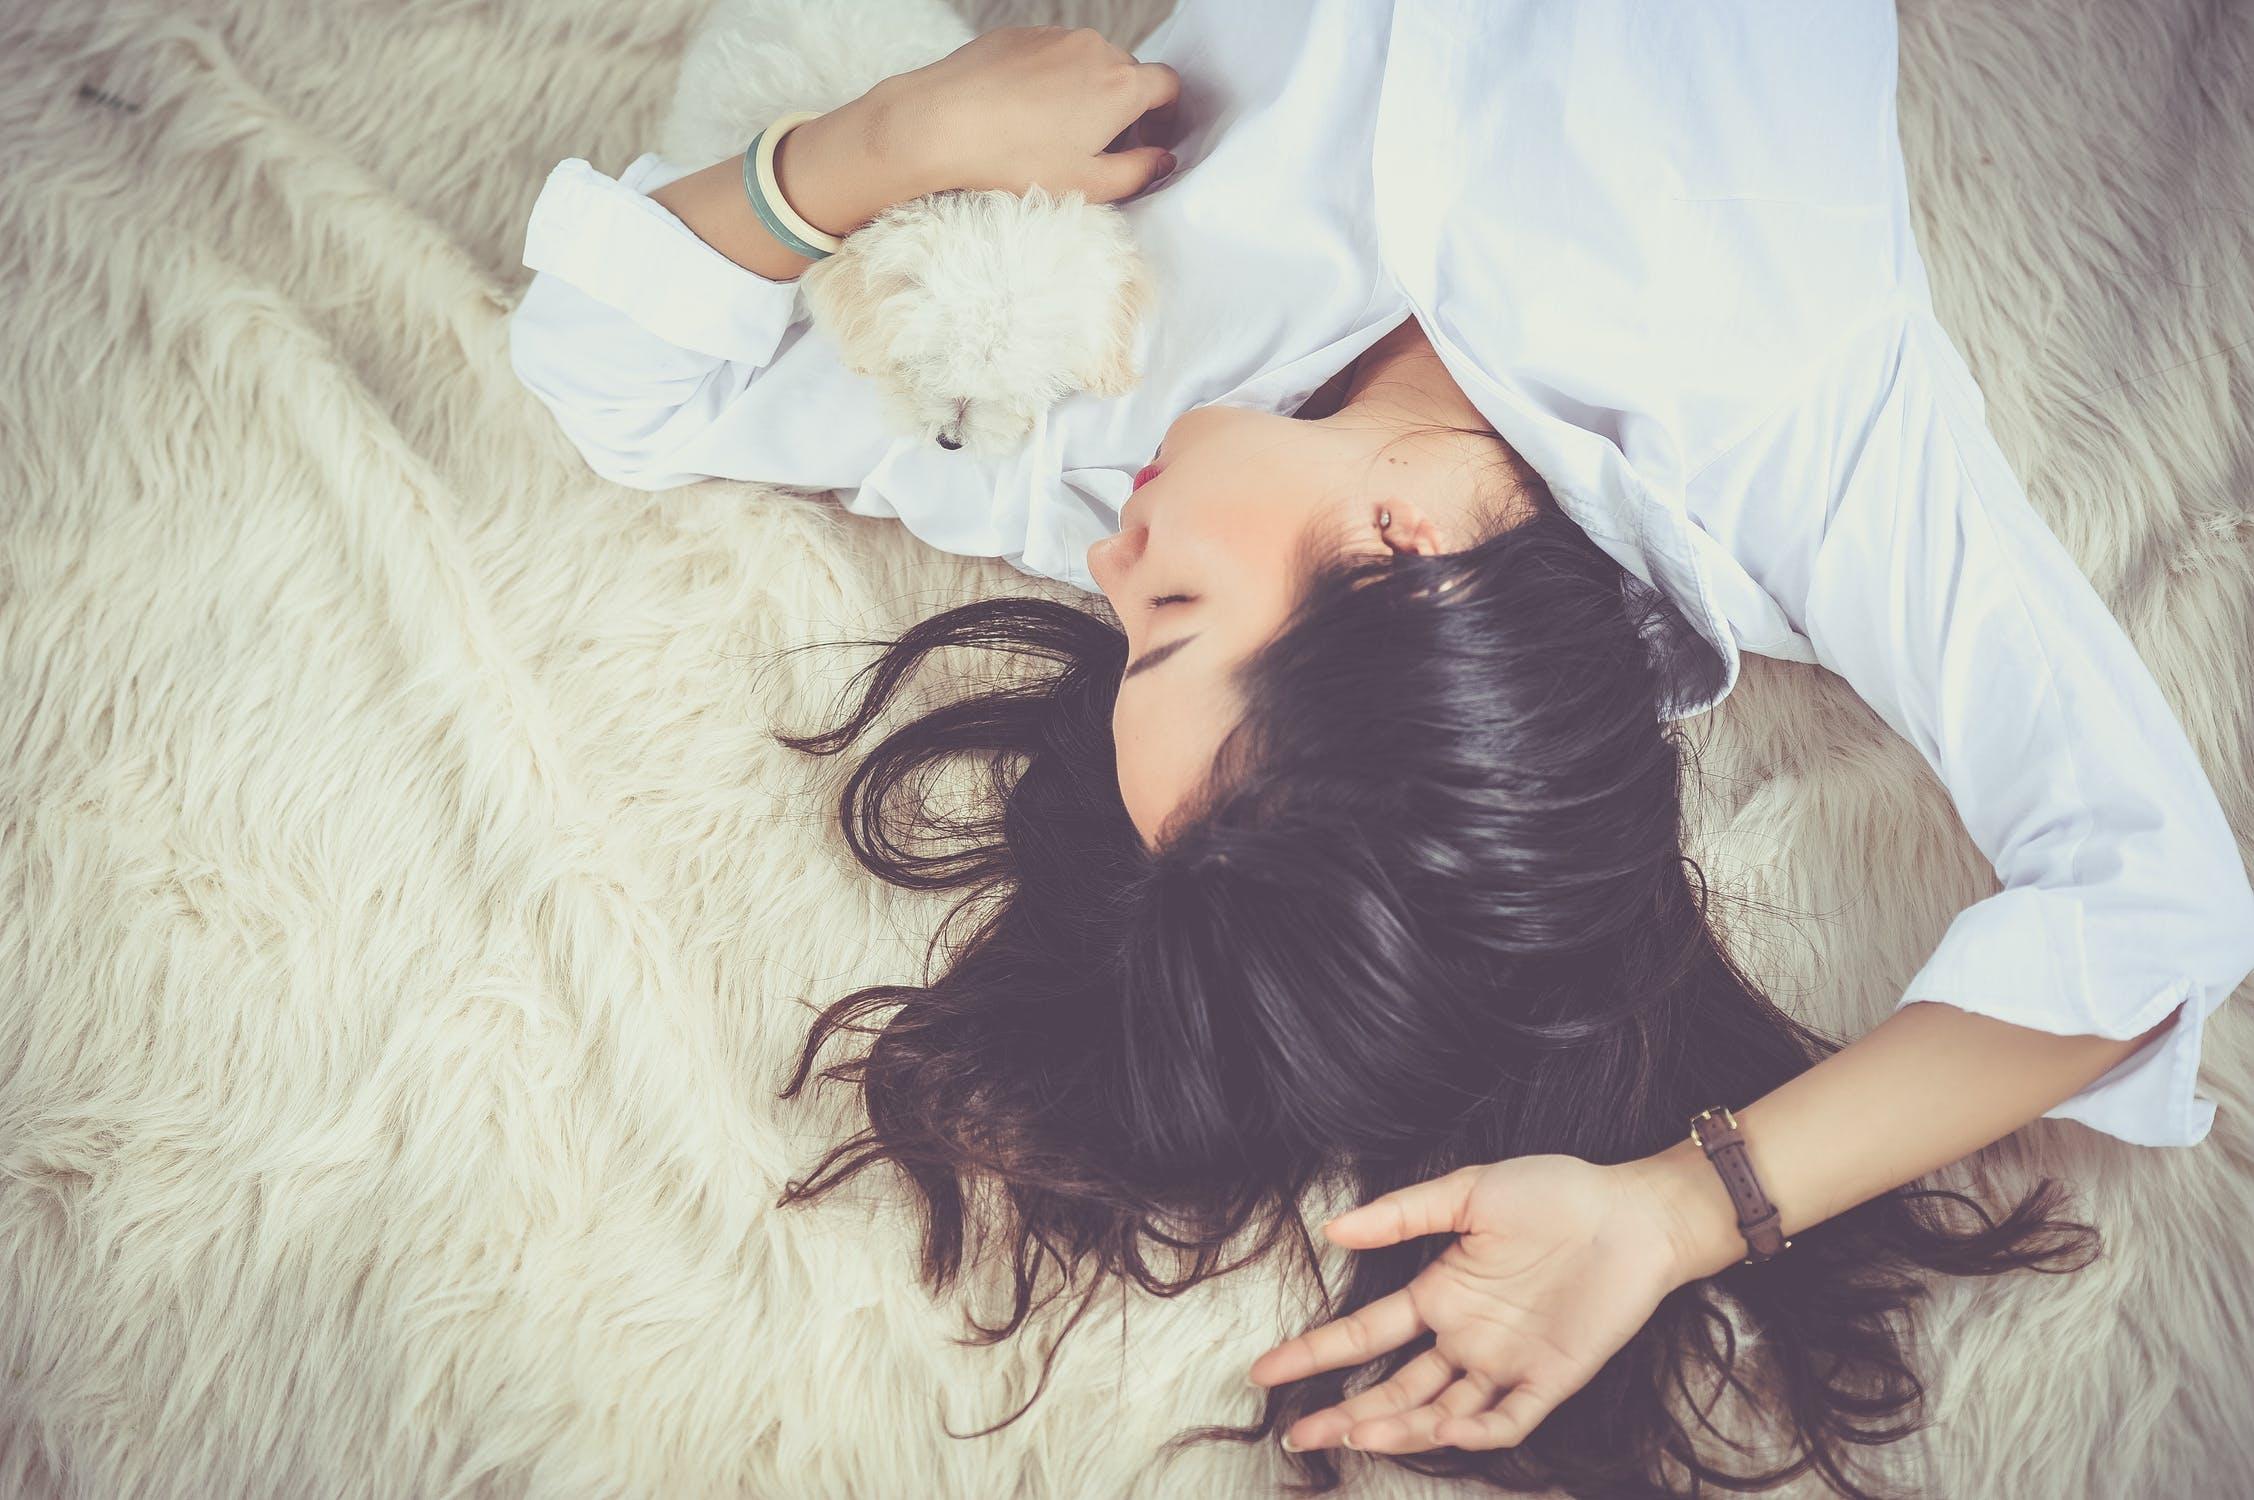 girl sleeping.jpeg